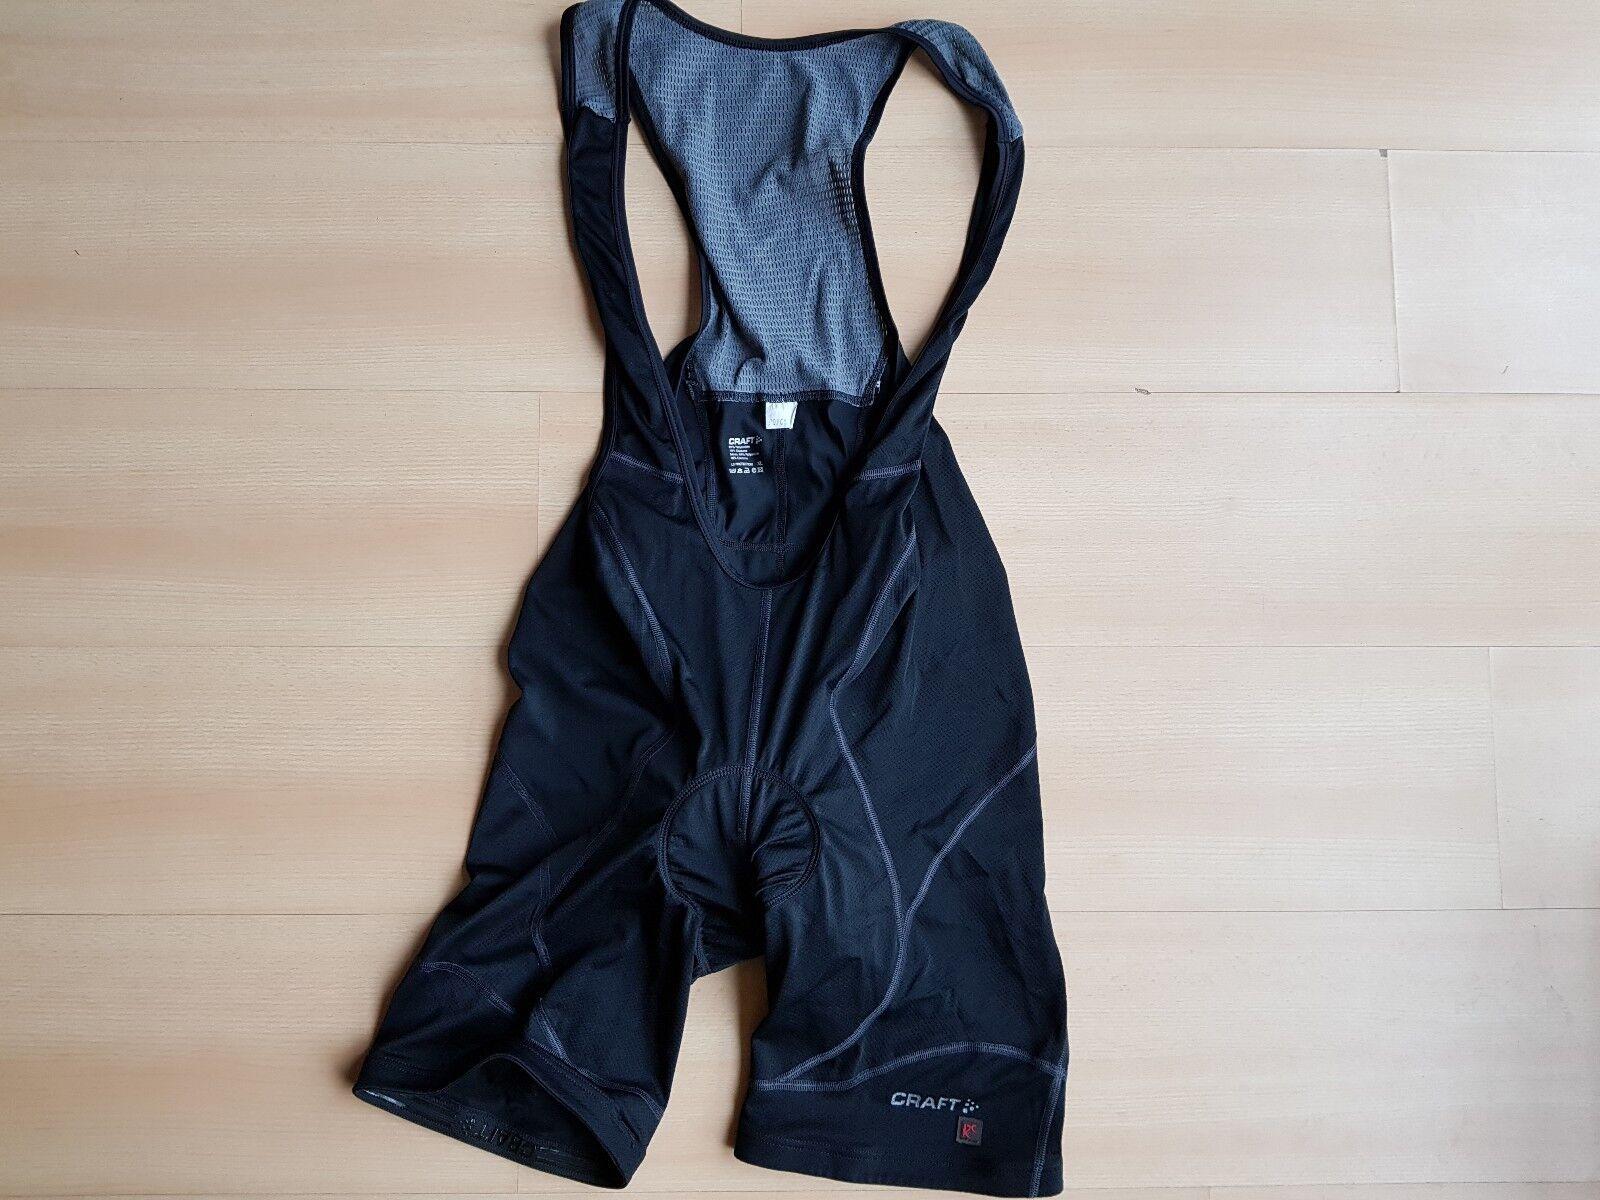 CRAFT Cycling Bib Shorts RC Bibs Size XL